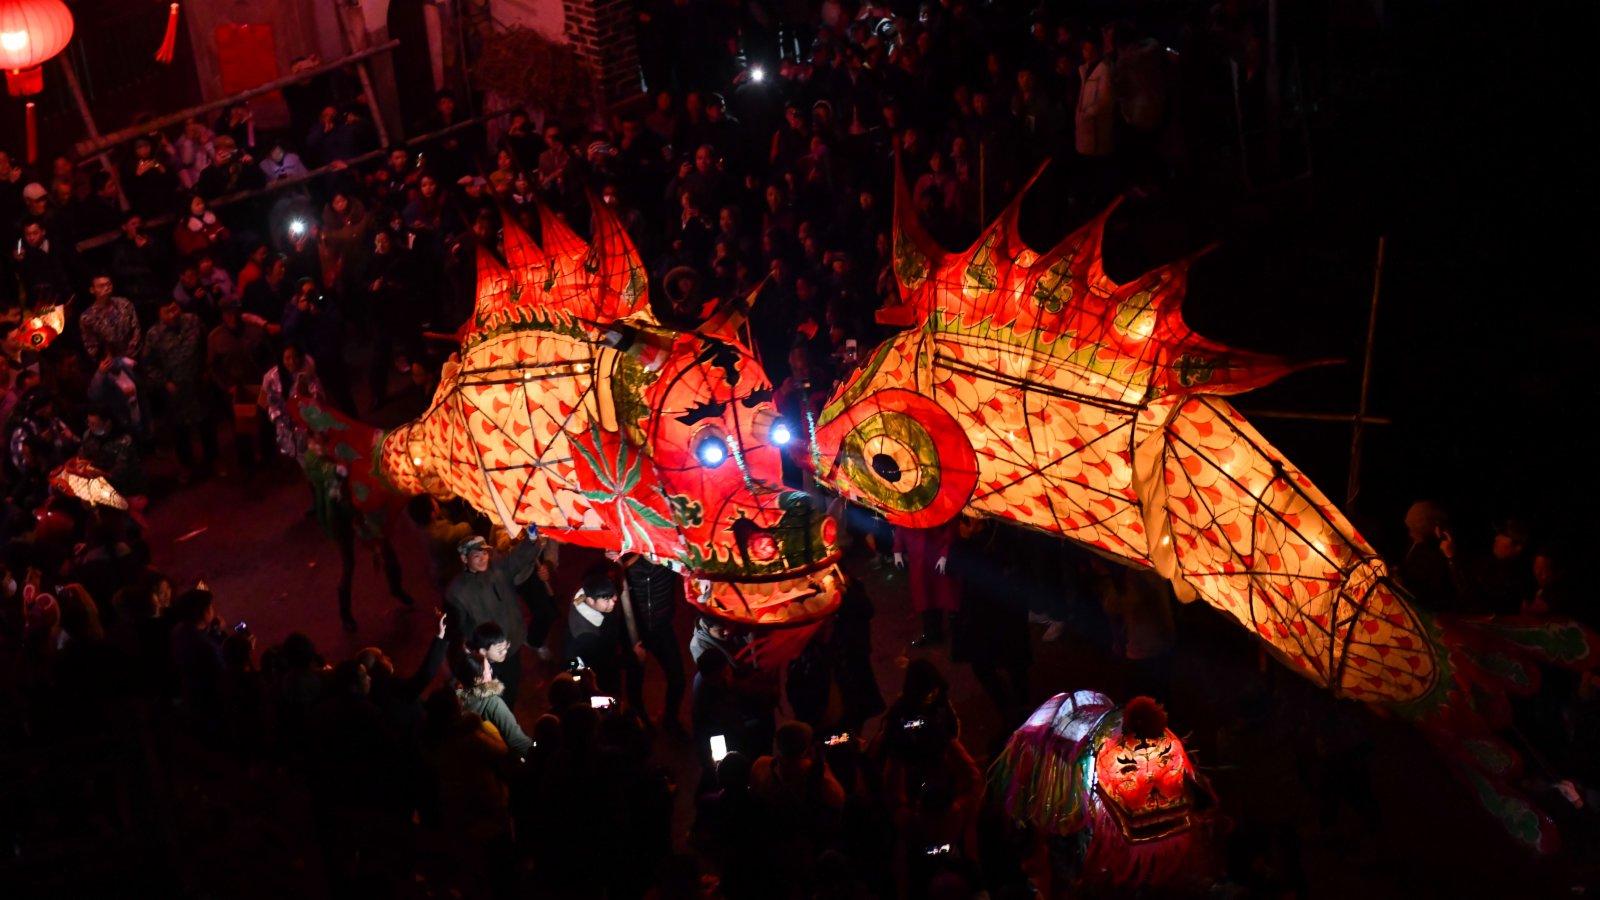 2月26日是中國傳統節日元宵節,佳節之際,安徽省黃山市歙縣溪頭鎮汪滿田村上演「嬉魚燈鬧元宵」,吸引眾多遊客和周邊群眾前來觀賞。(新華社)